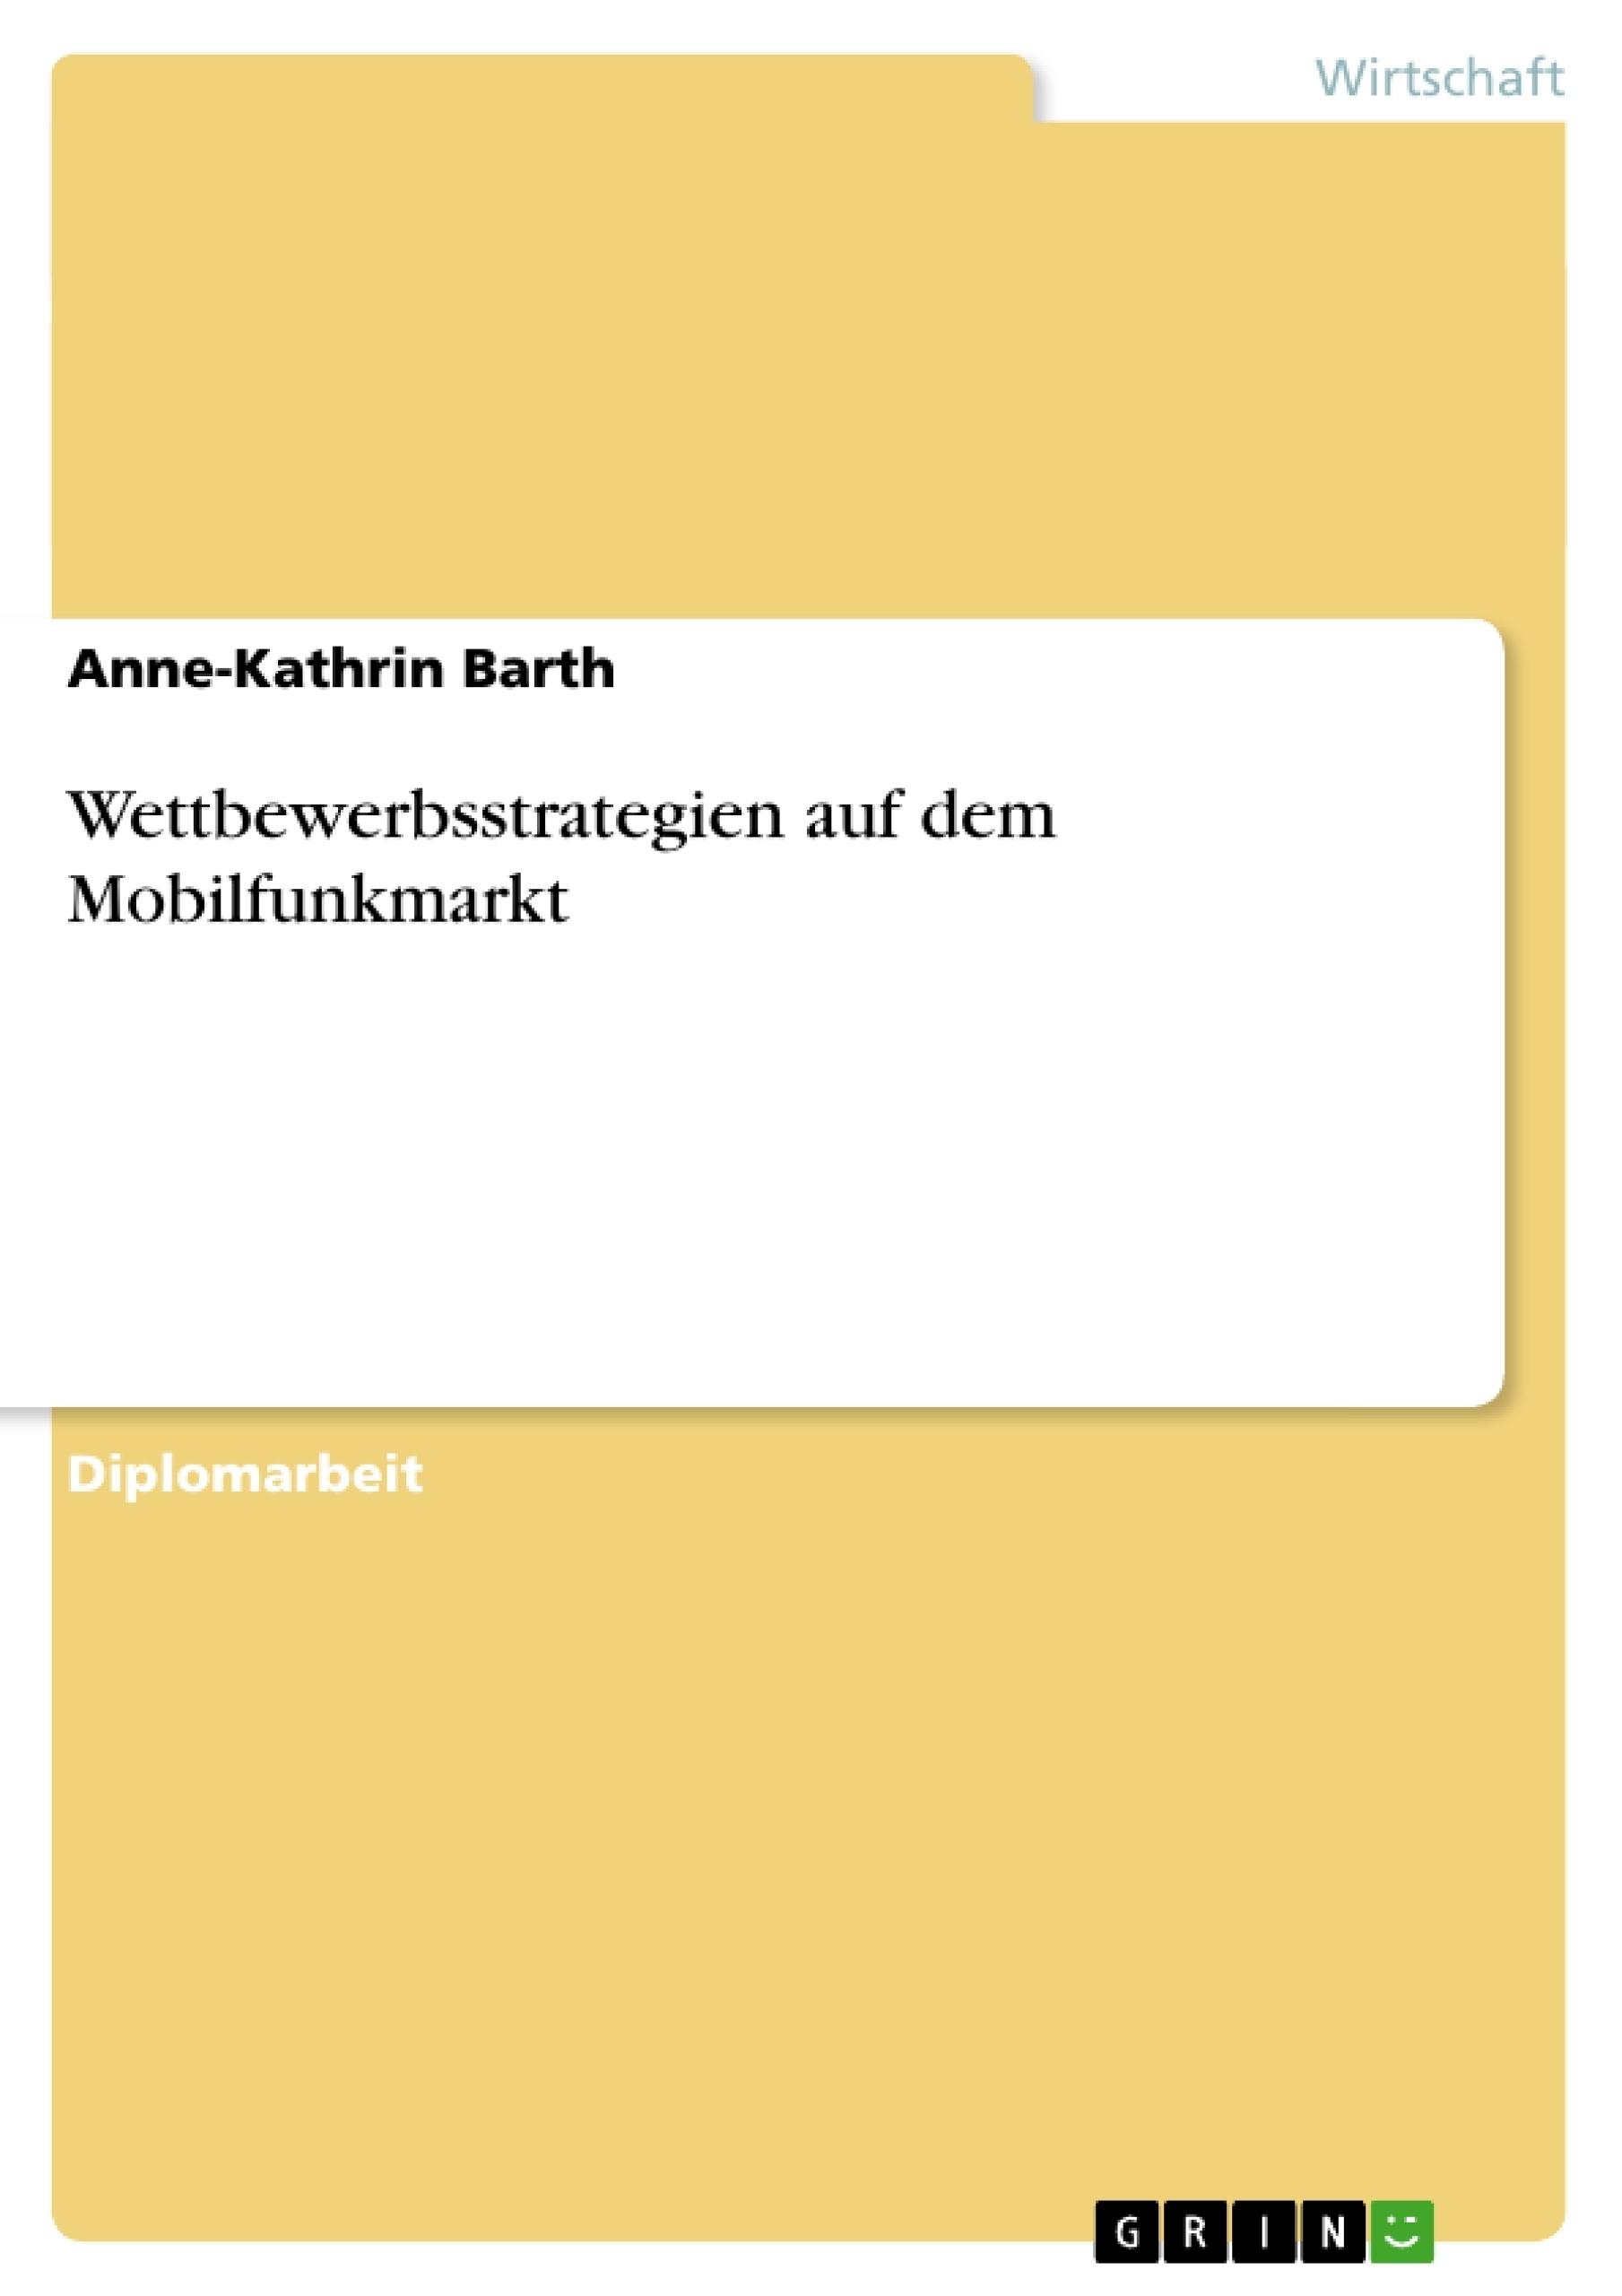 Titel: Wettbewerbsstrategien auf dem Mobilfunkmarkt